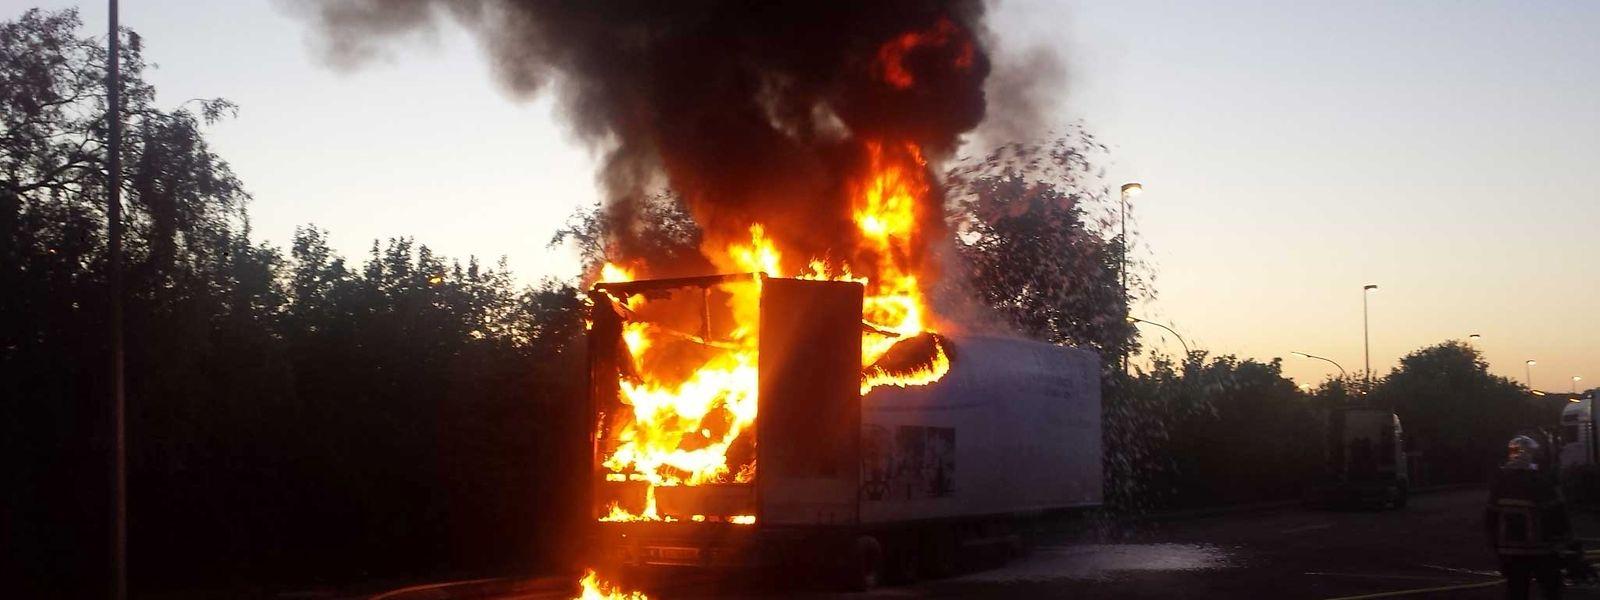 Der Anhänger stand völlig in Flammen.